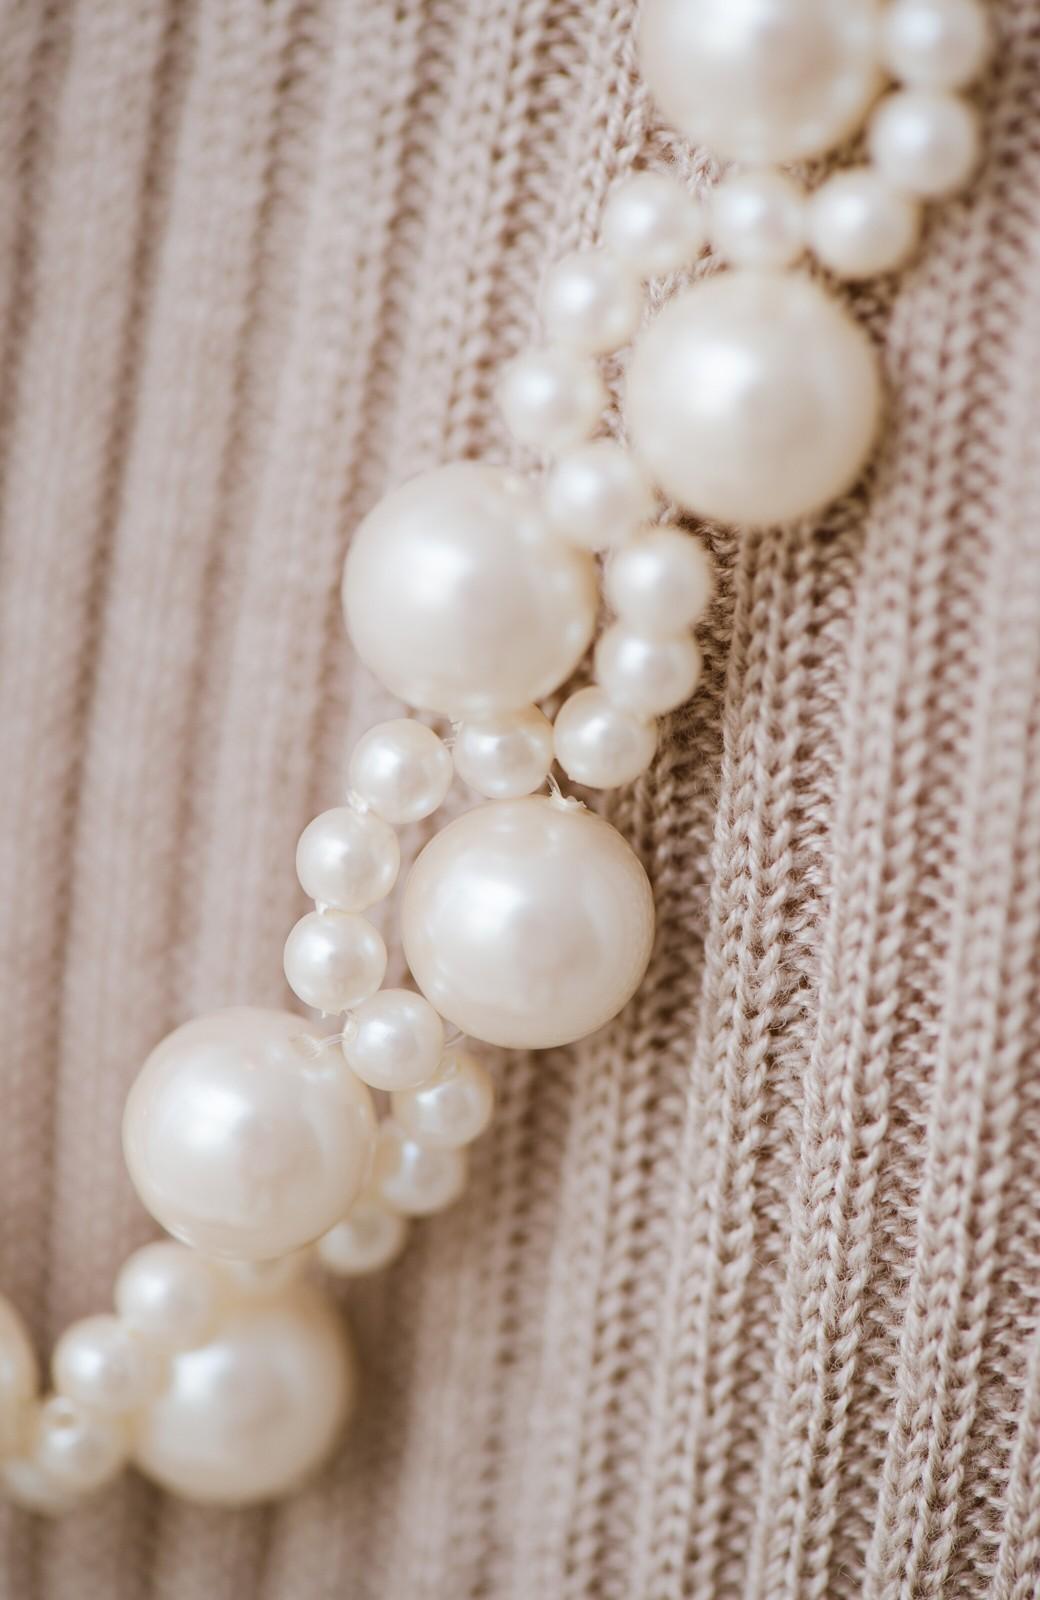 haco! ぱっとつけてぐっと華やぐ 結婚式にも便利なプラパールの編み込みネックレス <ネイビー>の商品写真2